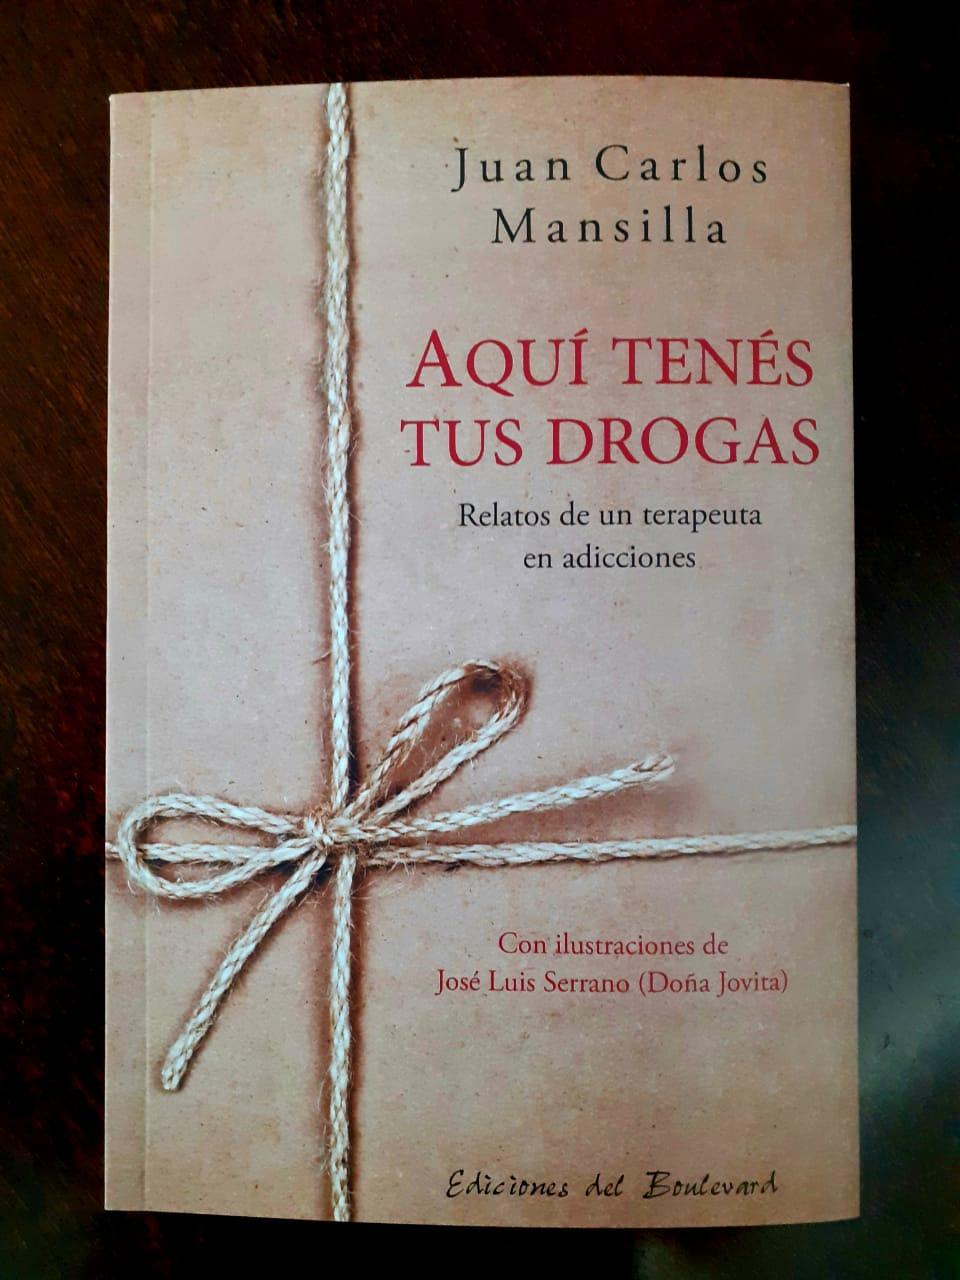 Libro de Juan Carlos Mansilla